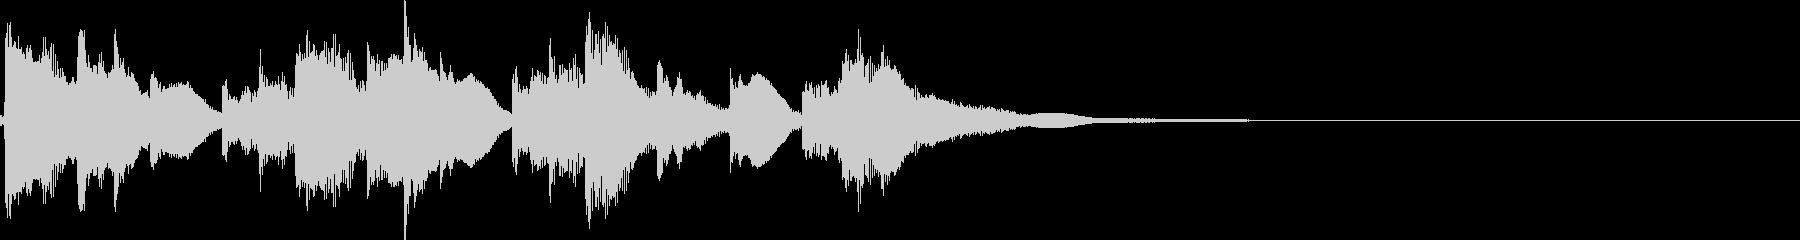 アイキャッチ4 リバーブ有の未再生の波形